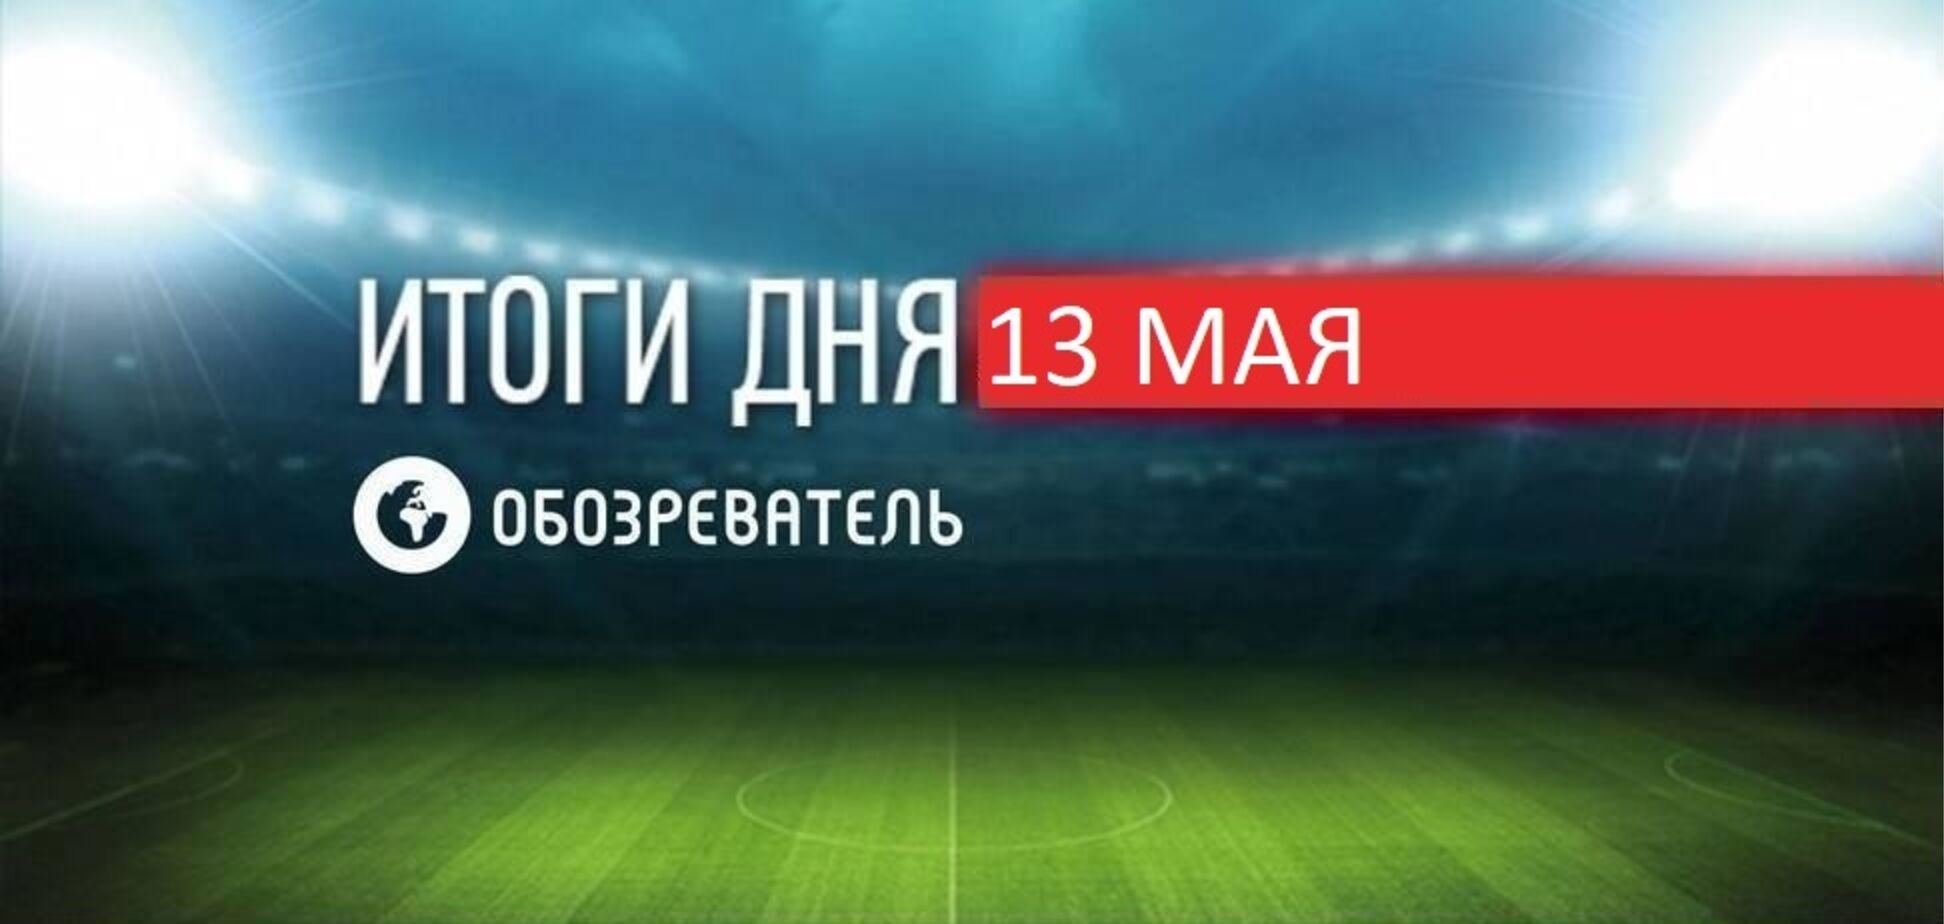 Новости спорта 13 мая: 'Динамо' выиграло Кубок Украины, УЕФА перенес финал ЛЧ